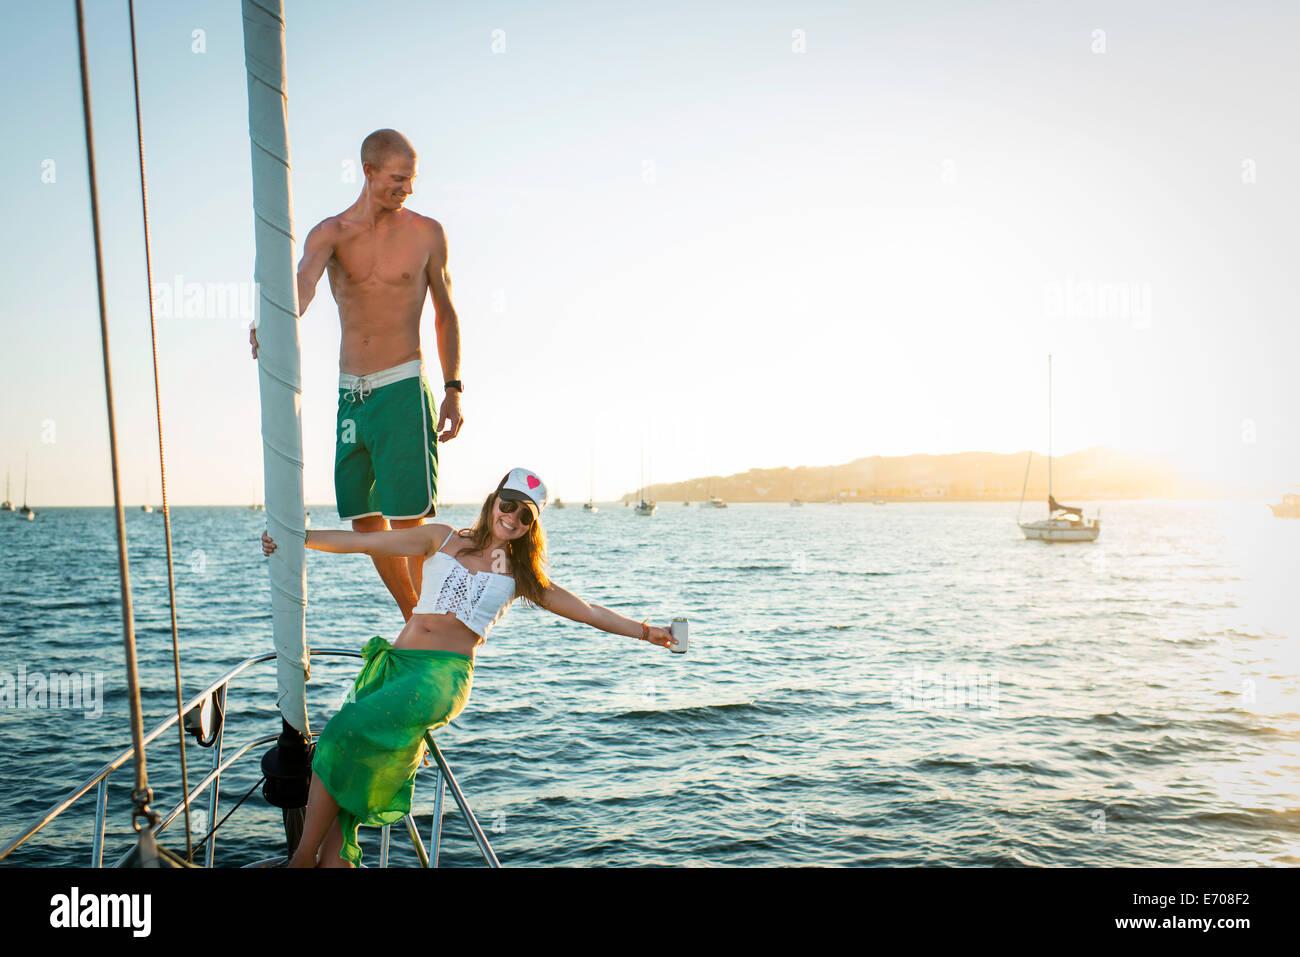 Adulto medio juguetona pareja en barco en el mar Imagen De Stock